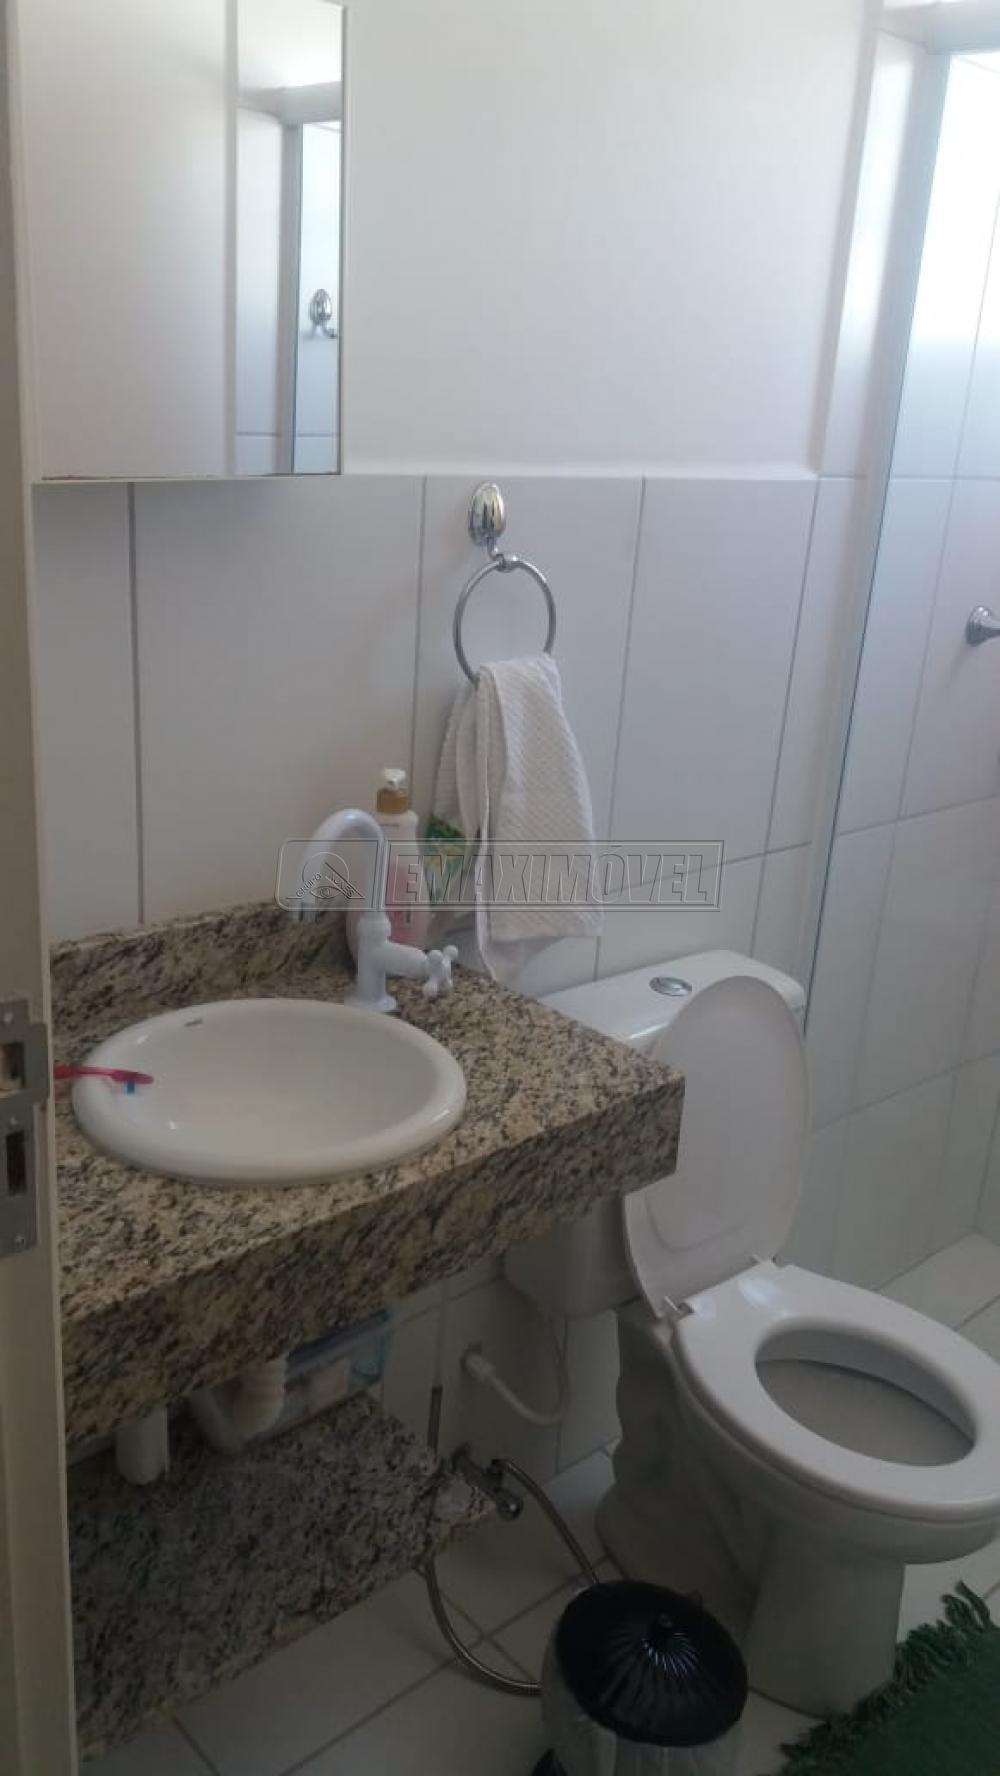 Comprar Apartamentos / Apto Padrão em Sorocaba apenas R$ 180.000,00 - Foto 11